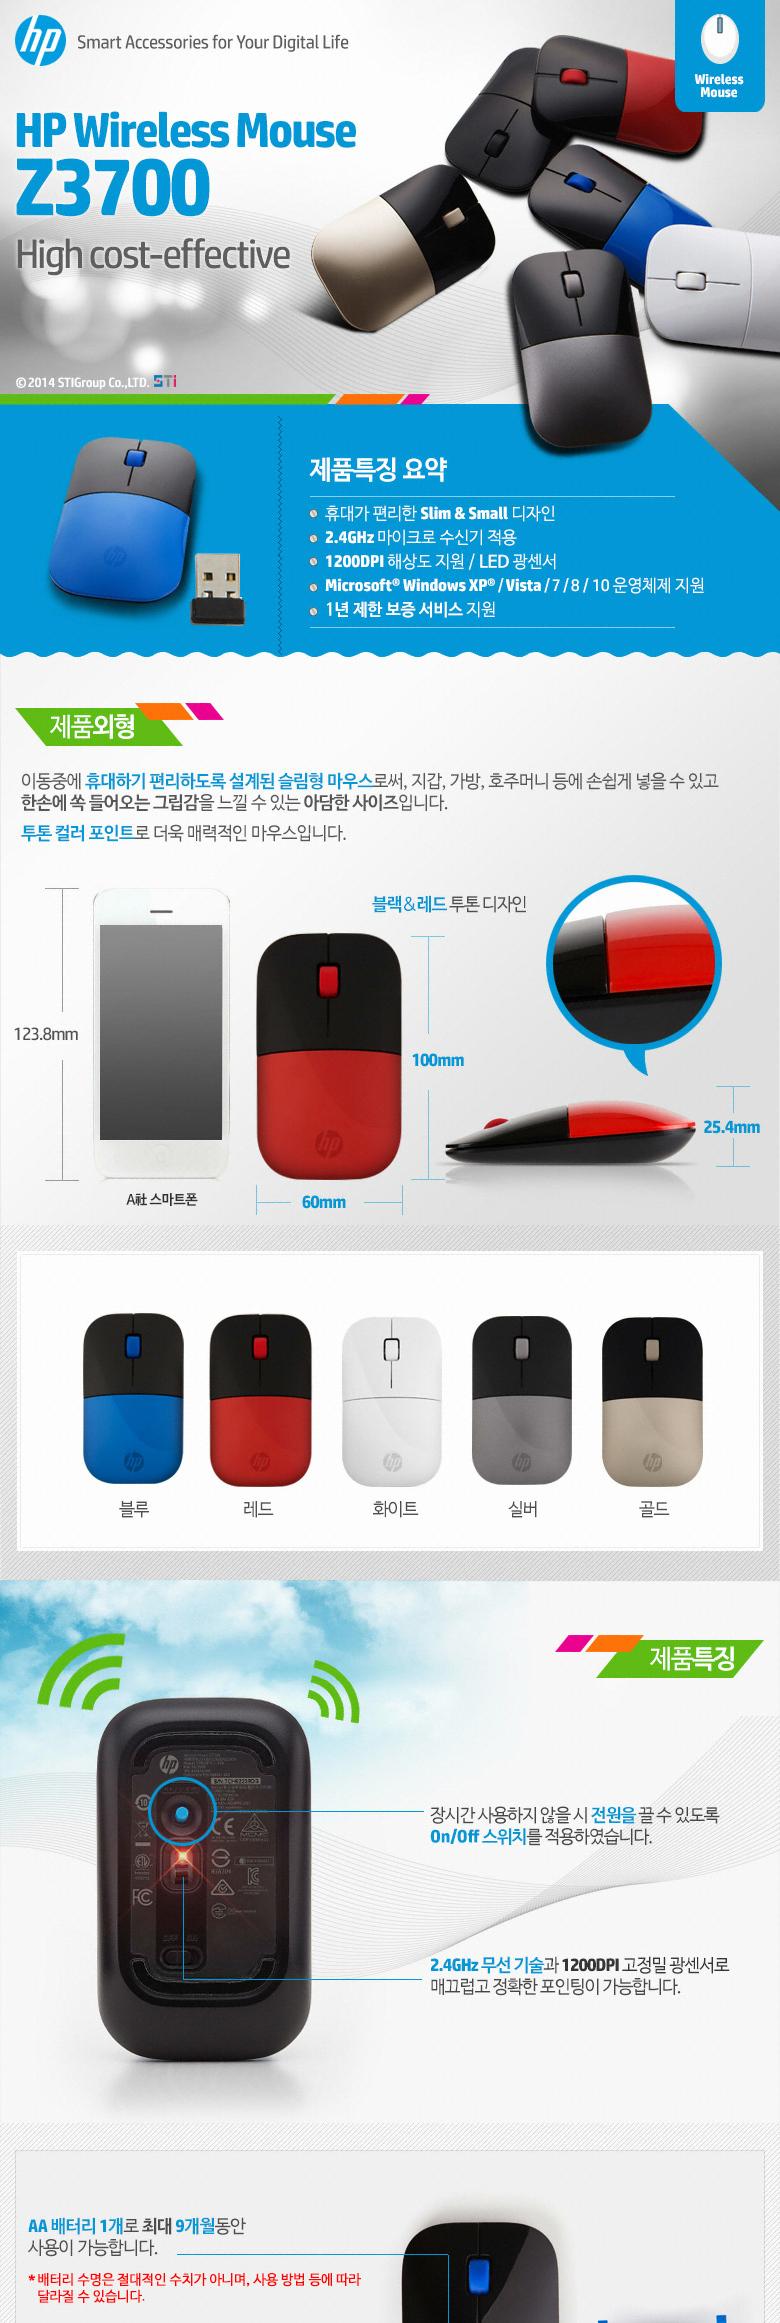 HP_Wireless_Mouse_Z3700_01.jpg